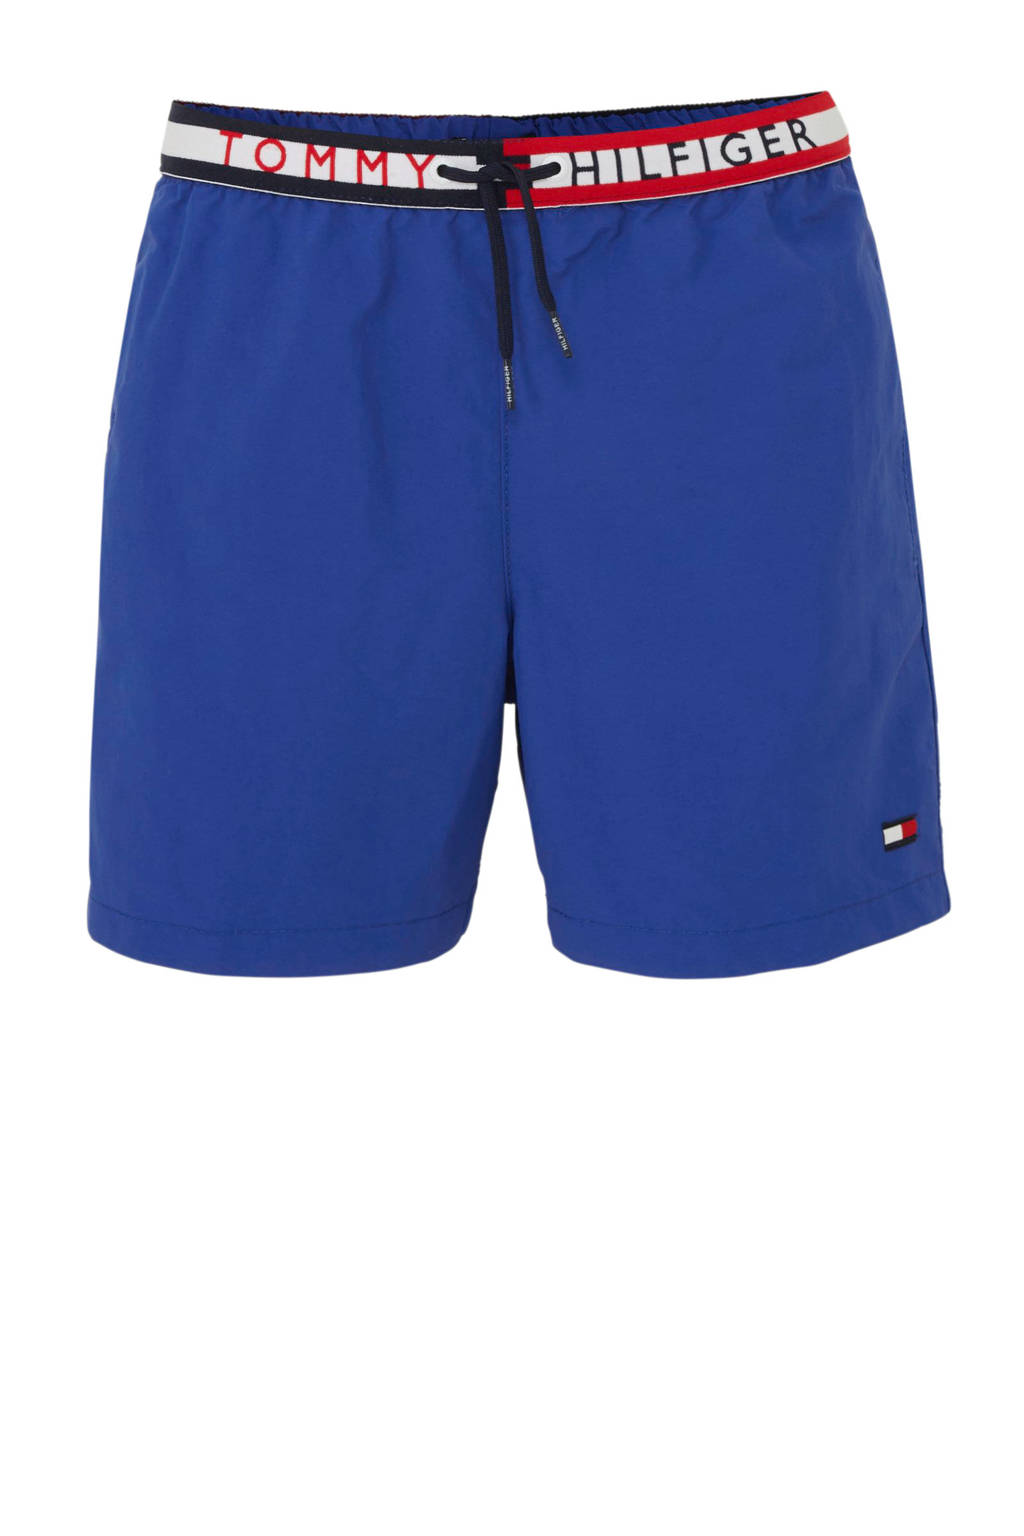 Tommy Hilfiger zwemshort met merknaam blauw, Blauw